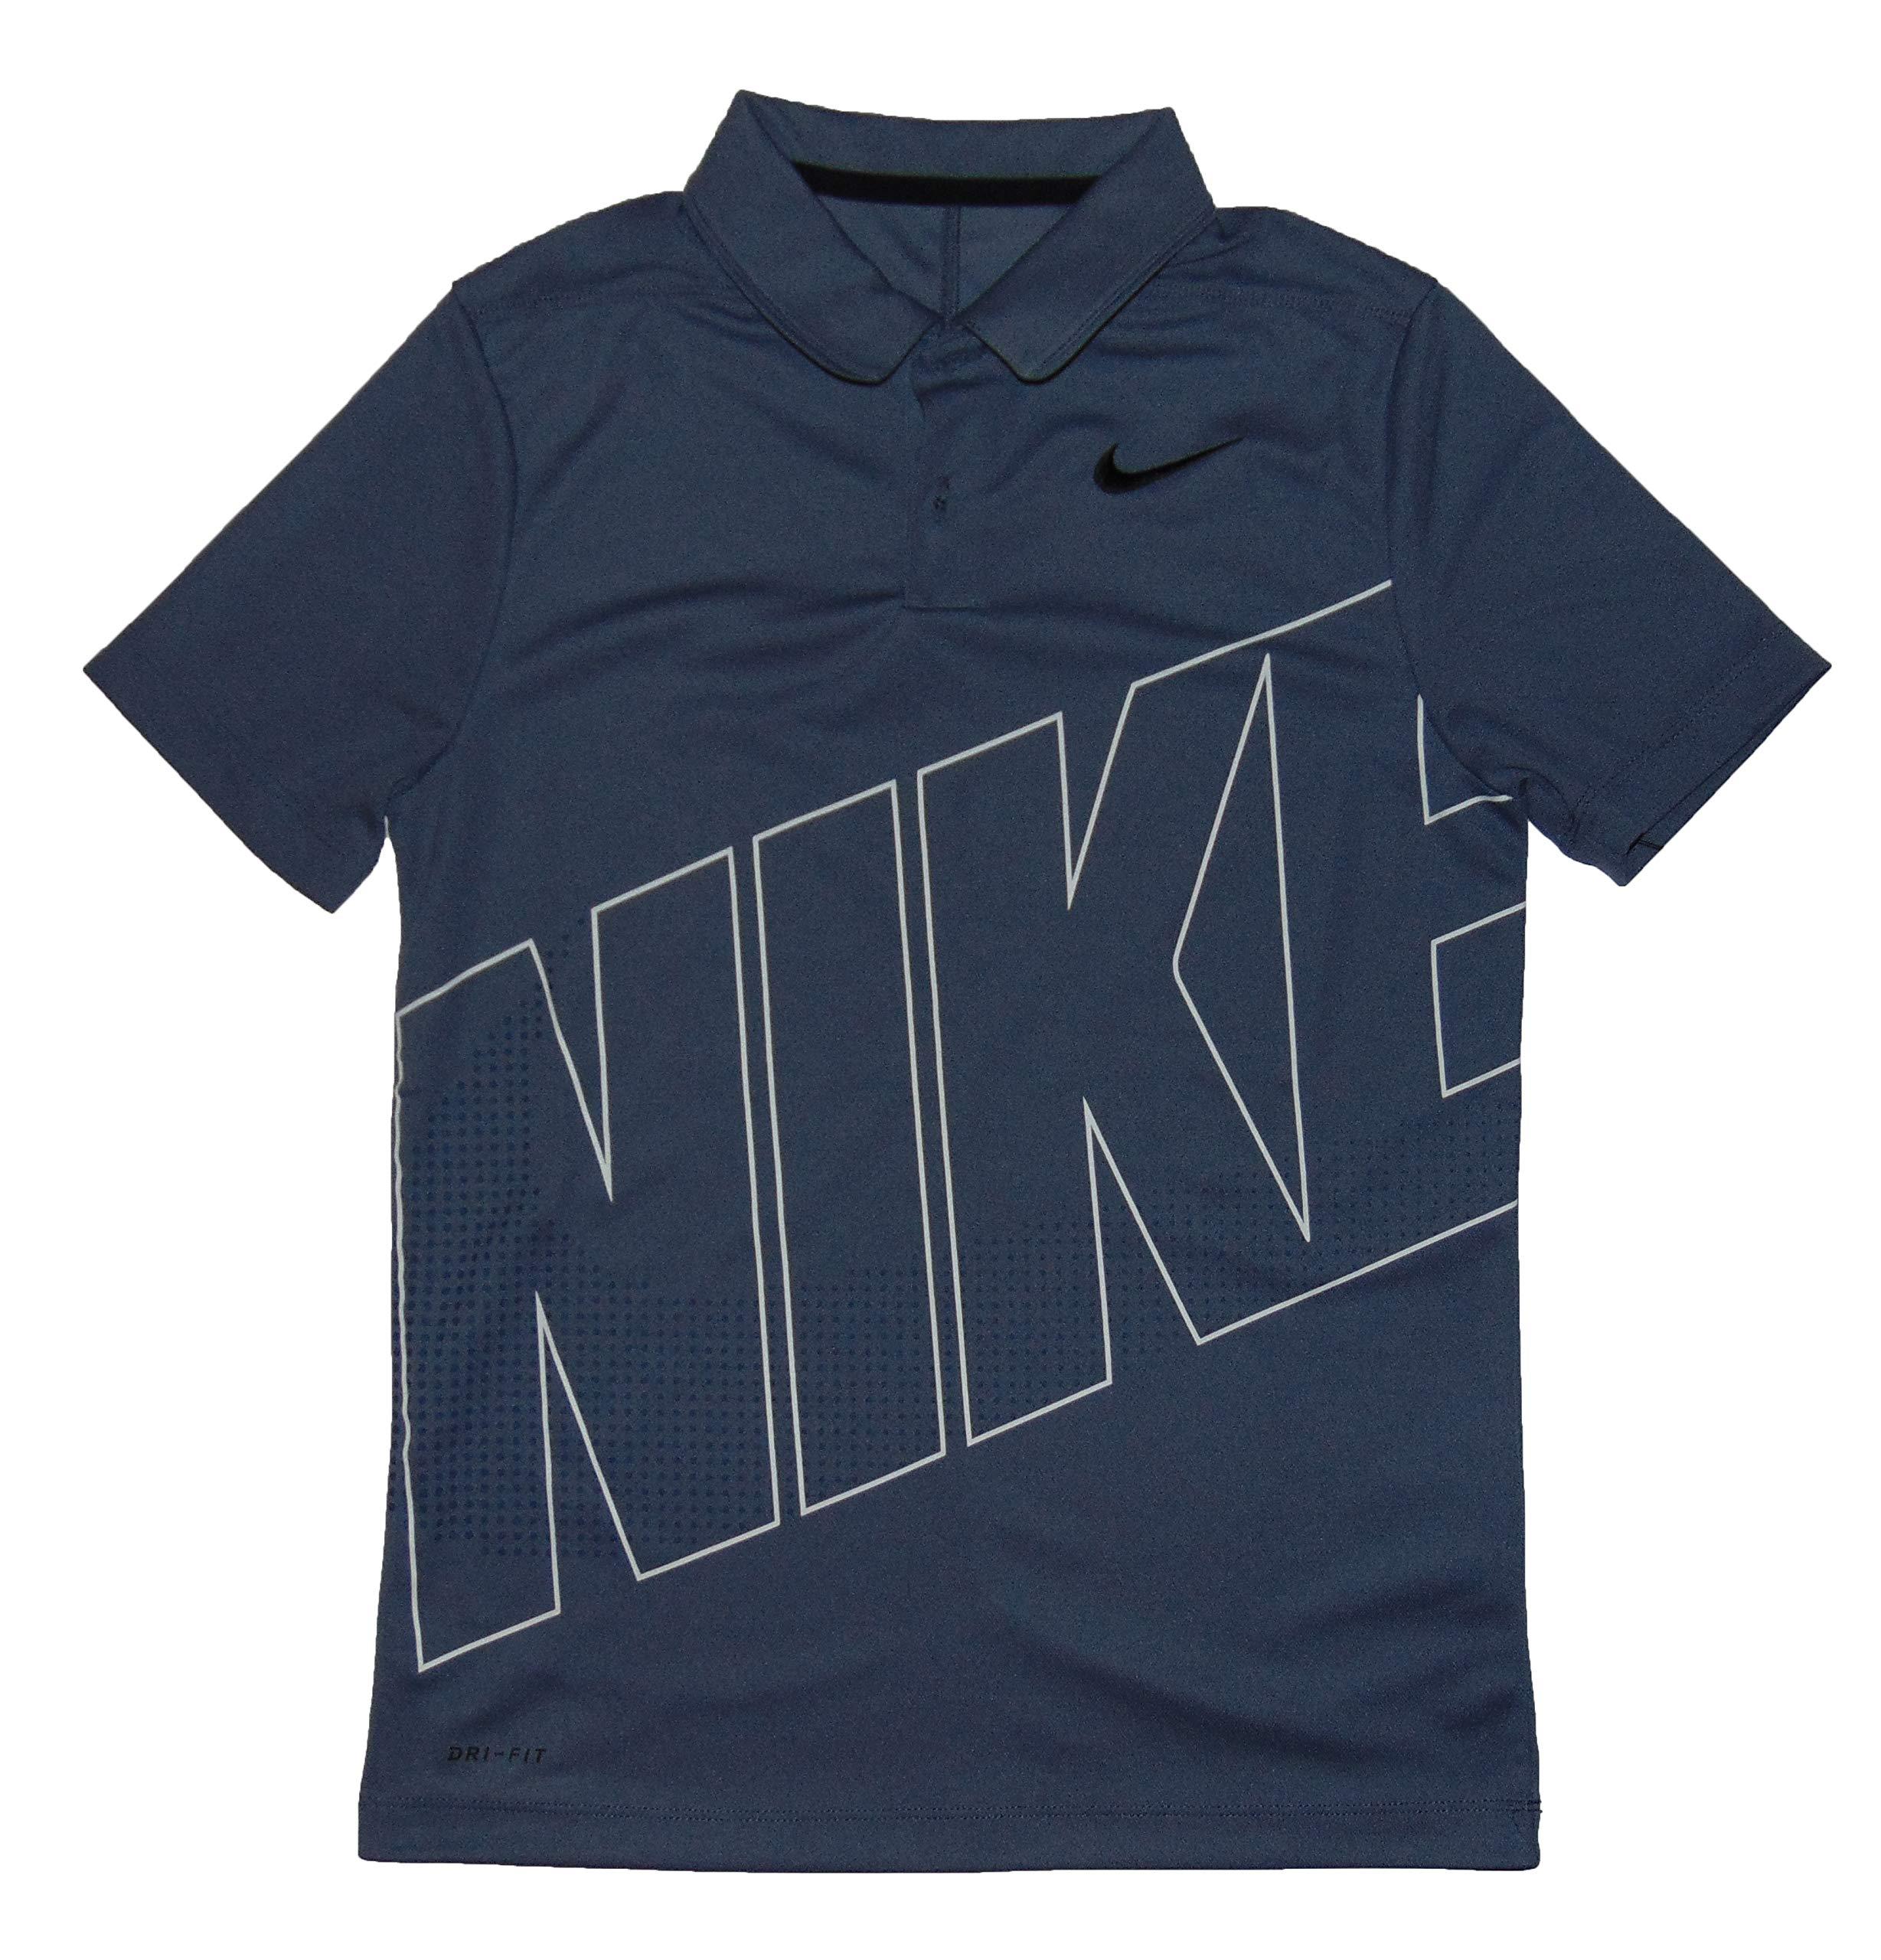 Nike Boys DRI FIT Essential GRFX 2 Golf Polo Medium Polyester Gray